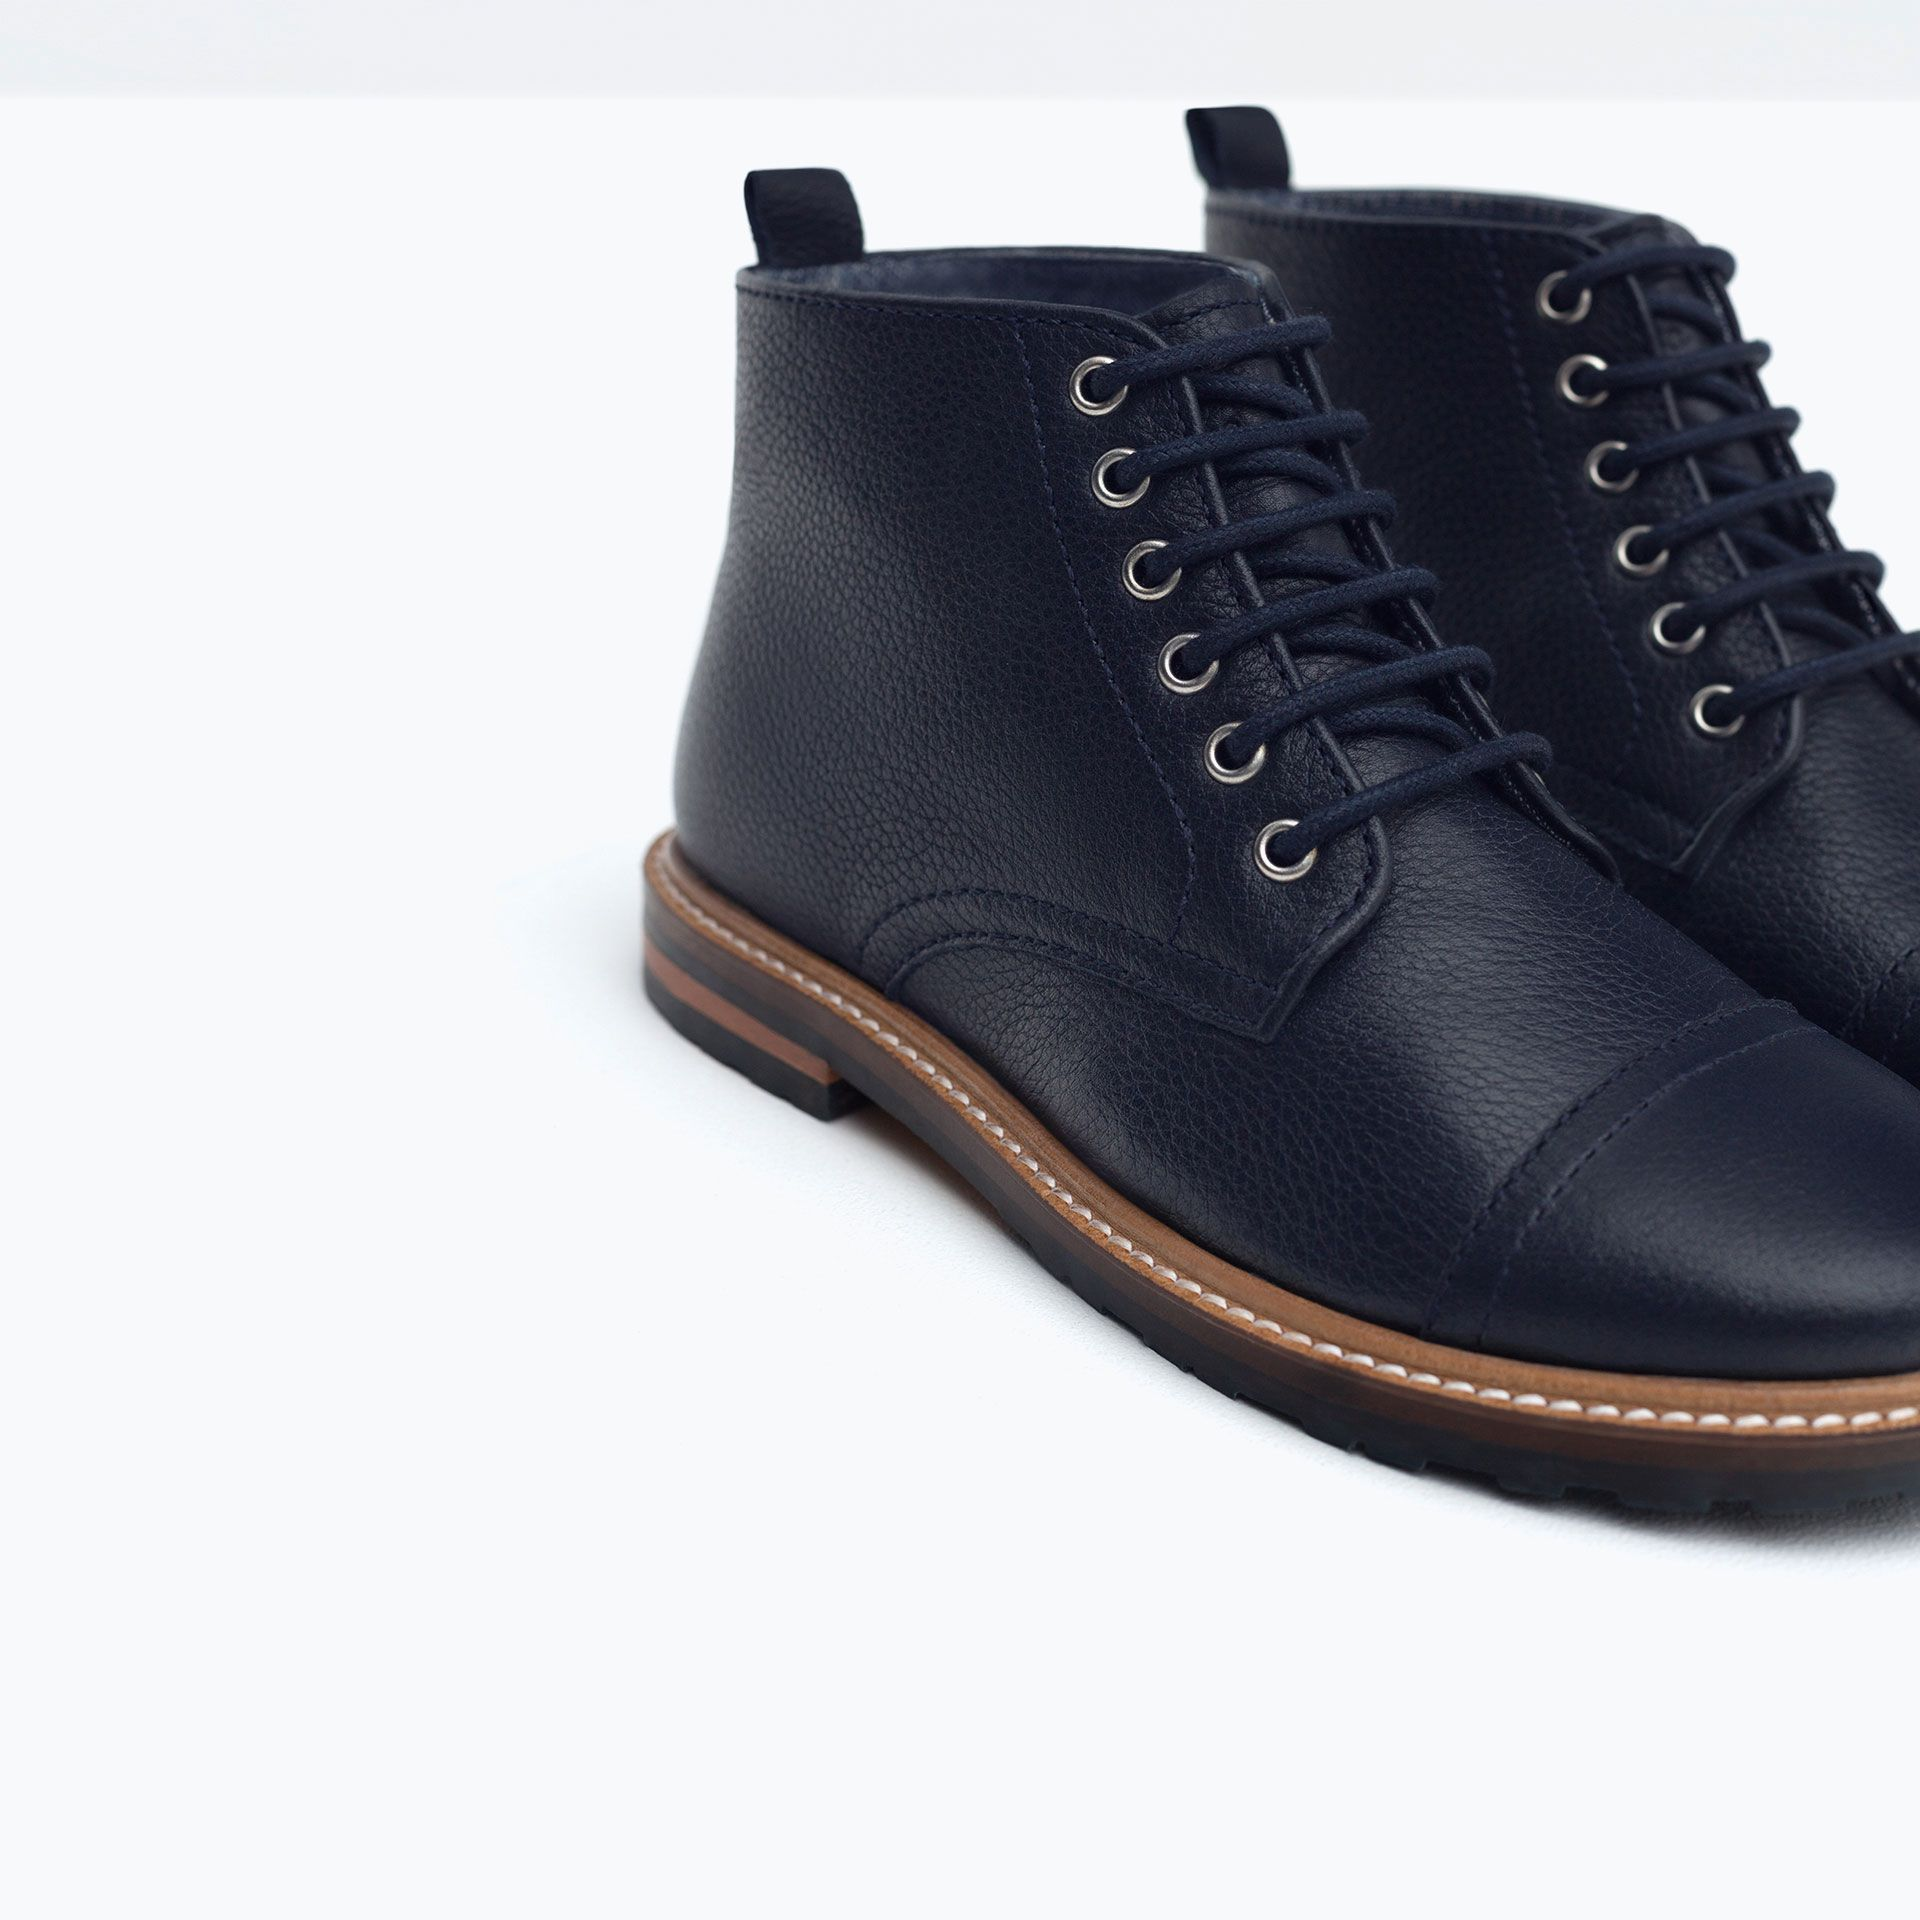 14 Zapatos Niño Zara Niños4 Botín Piel Años TJc1ulFK35